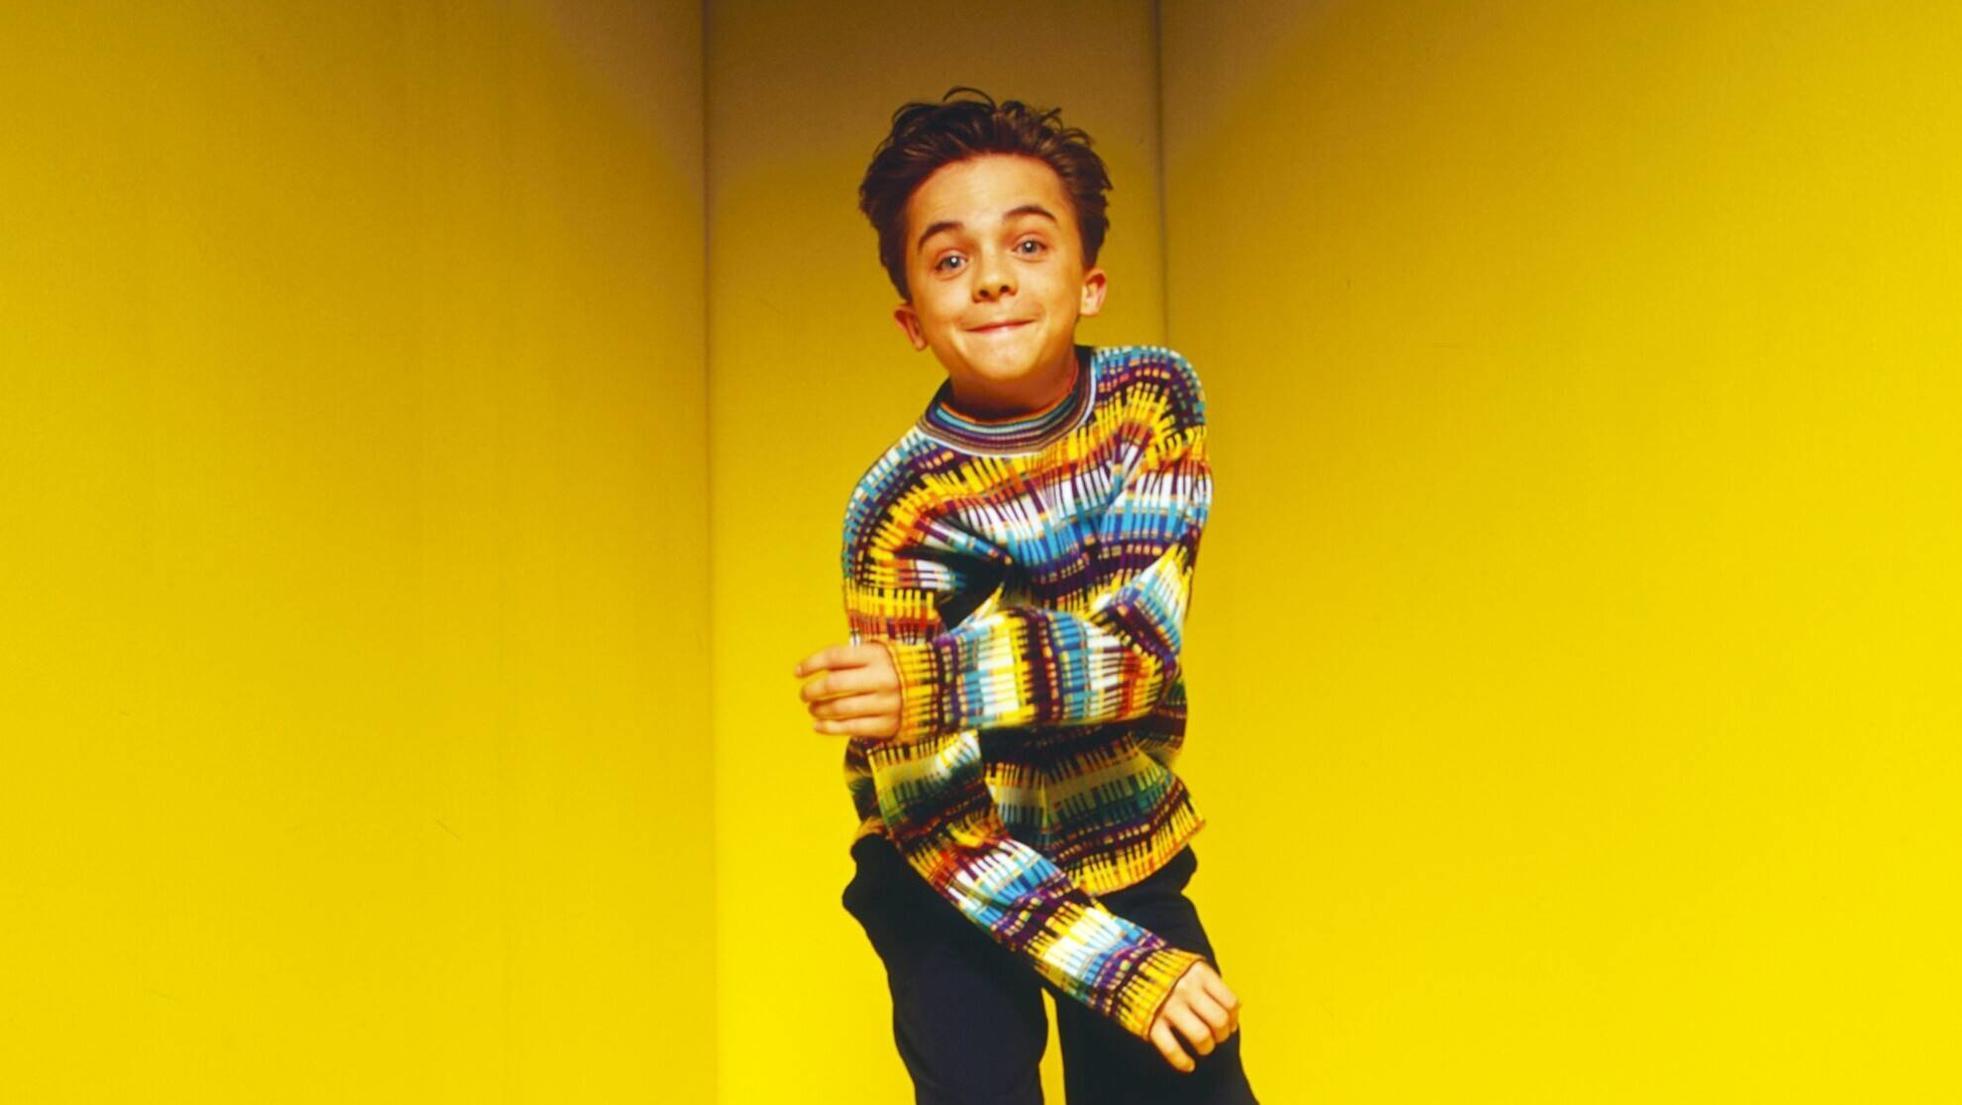 Malcolm mittendrin: Frankie Muniz wurde mit 12 Jahren ein Star - Was macht er heute?